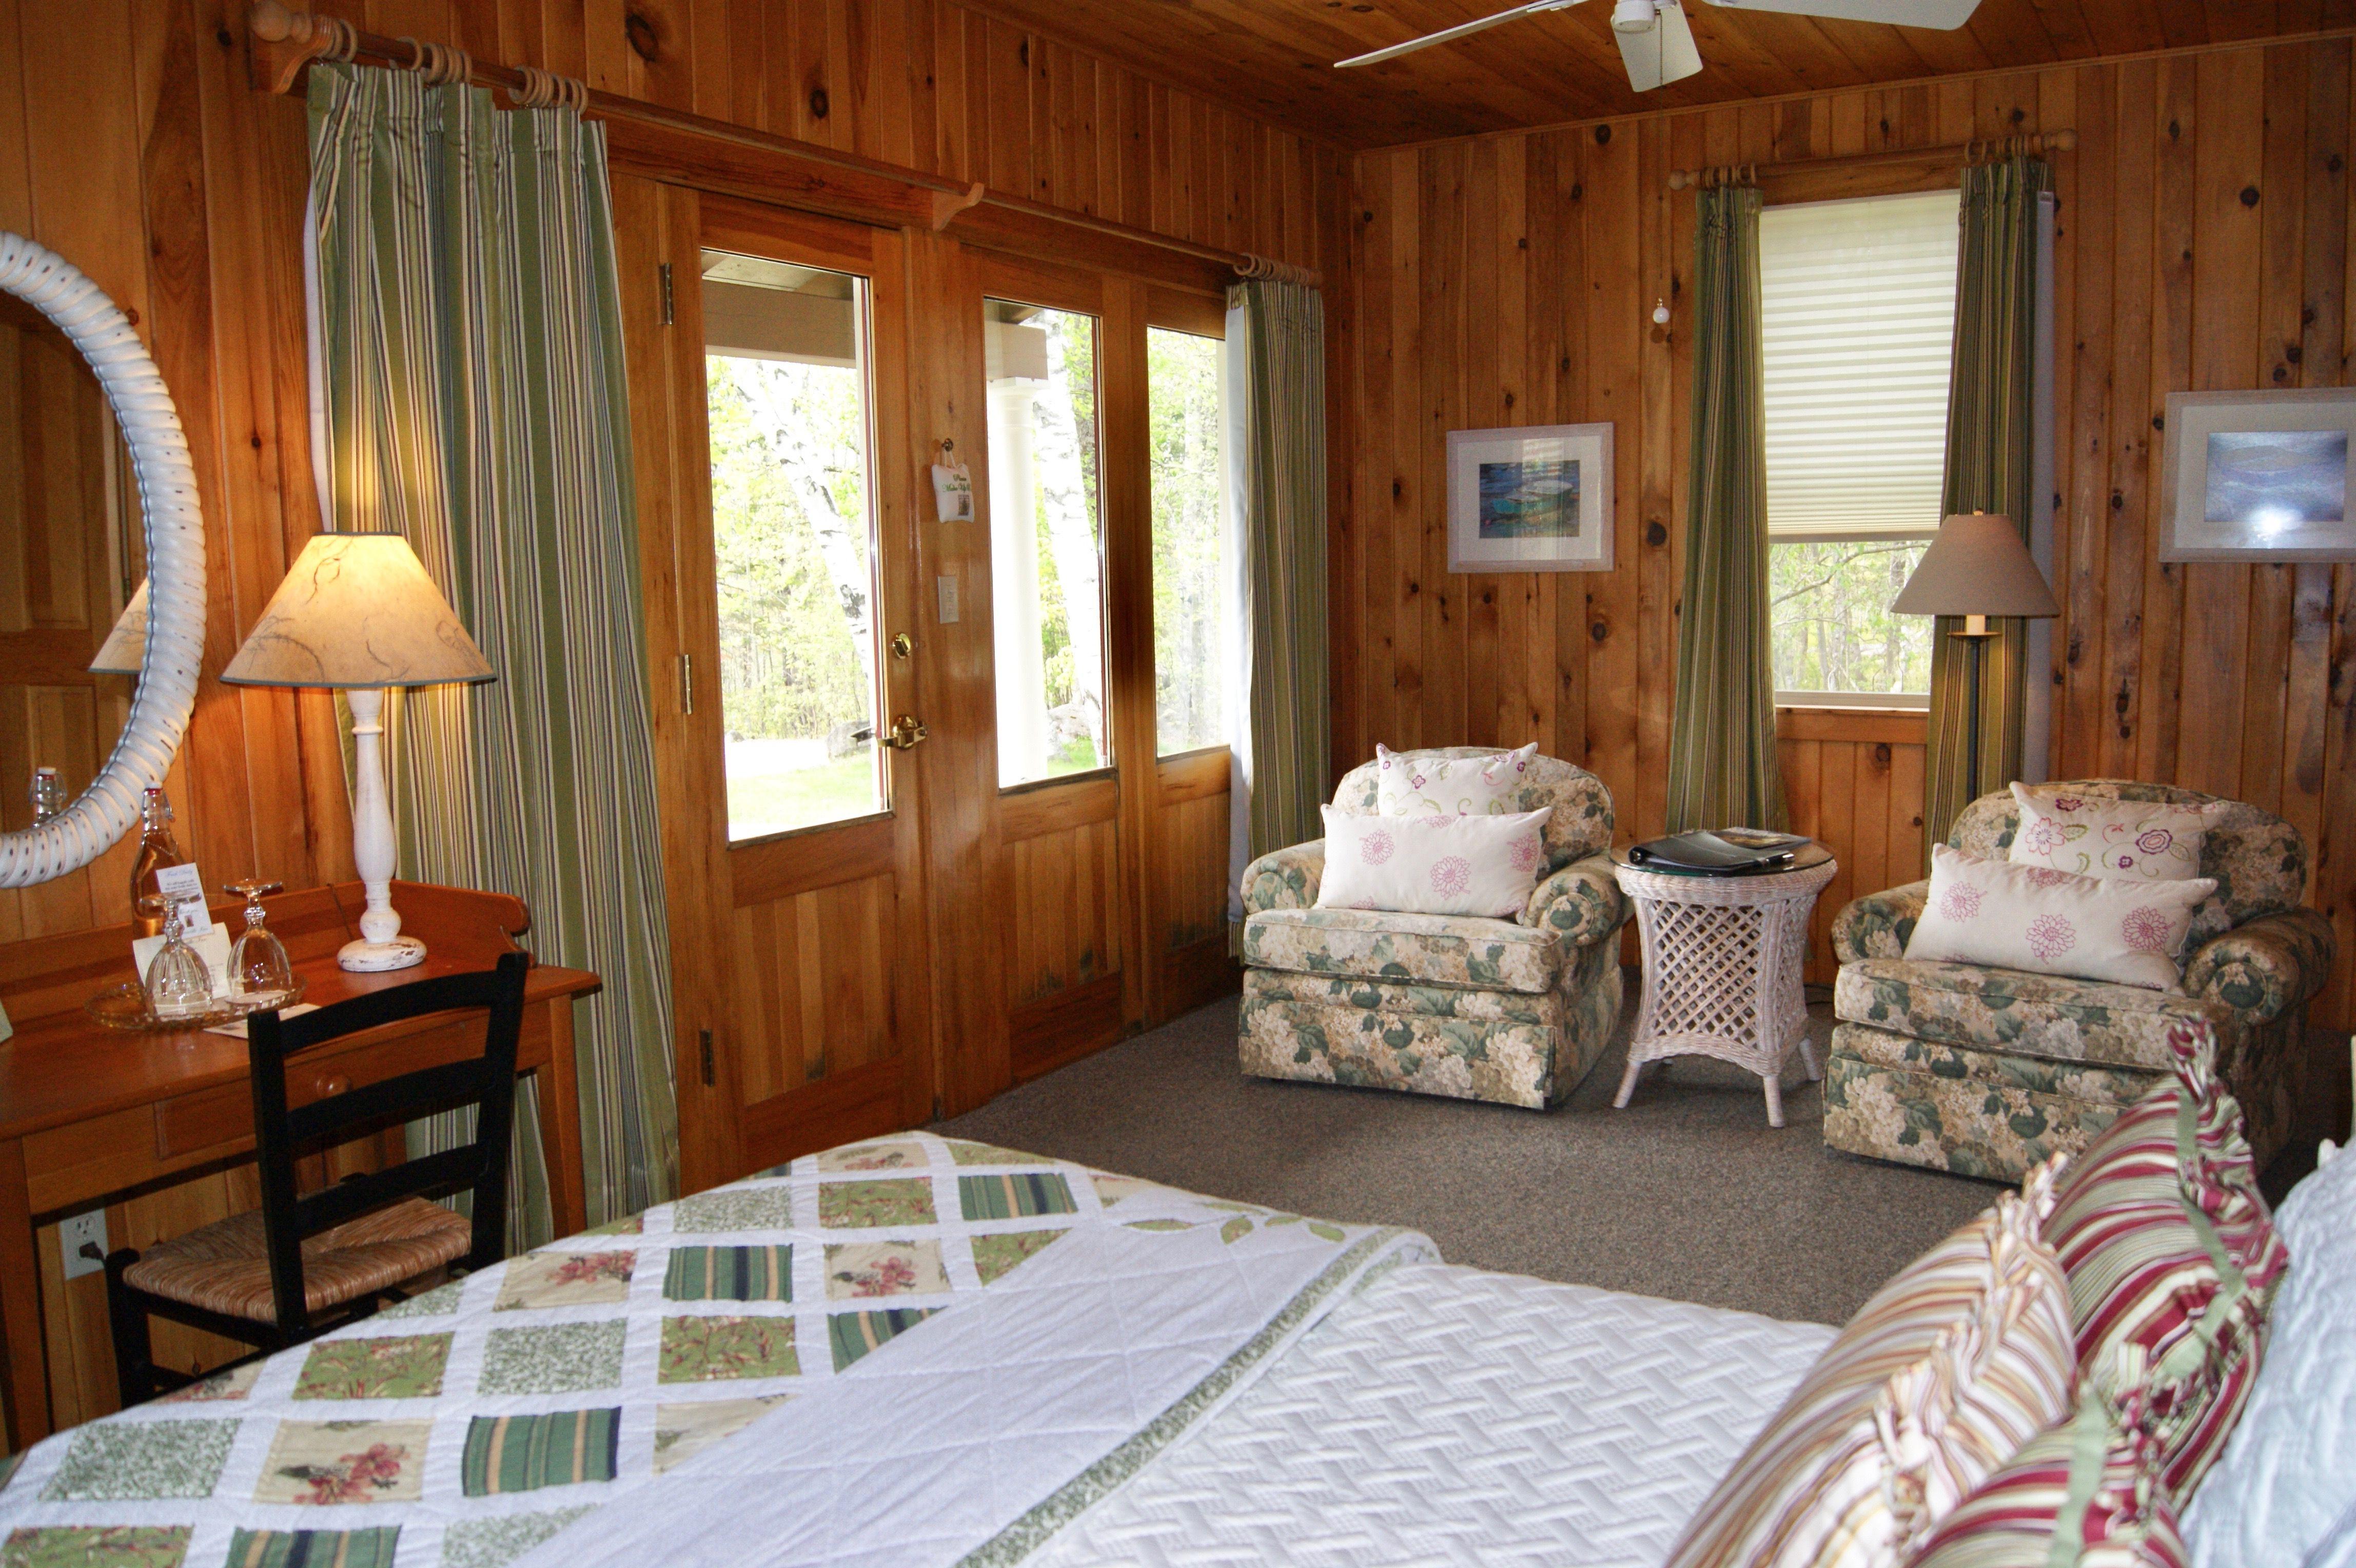 Cottage 3 gardencottage Mooseheadlake Maine Elegant